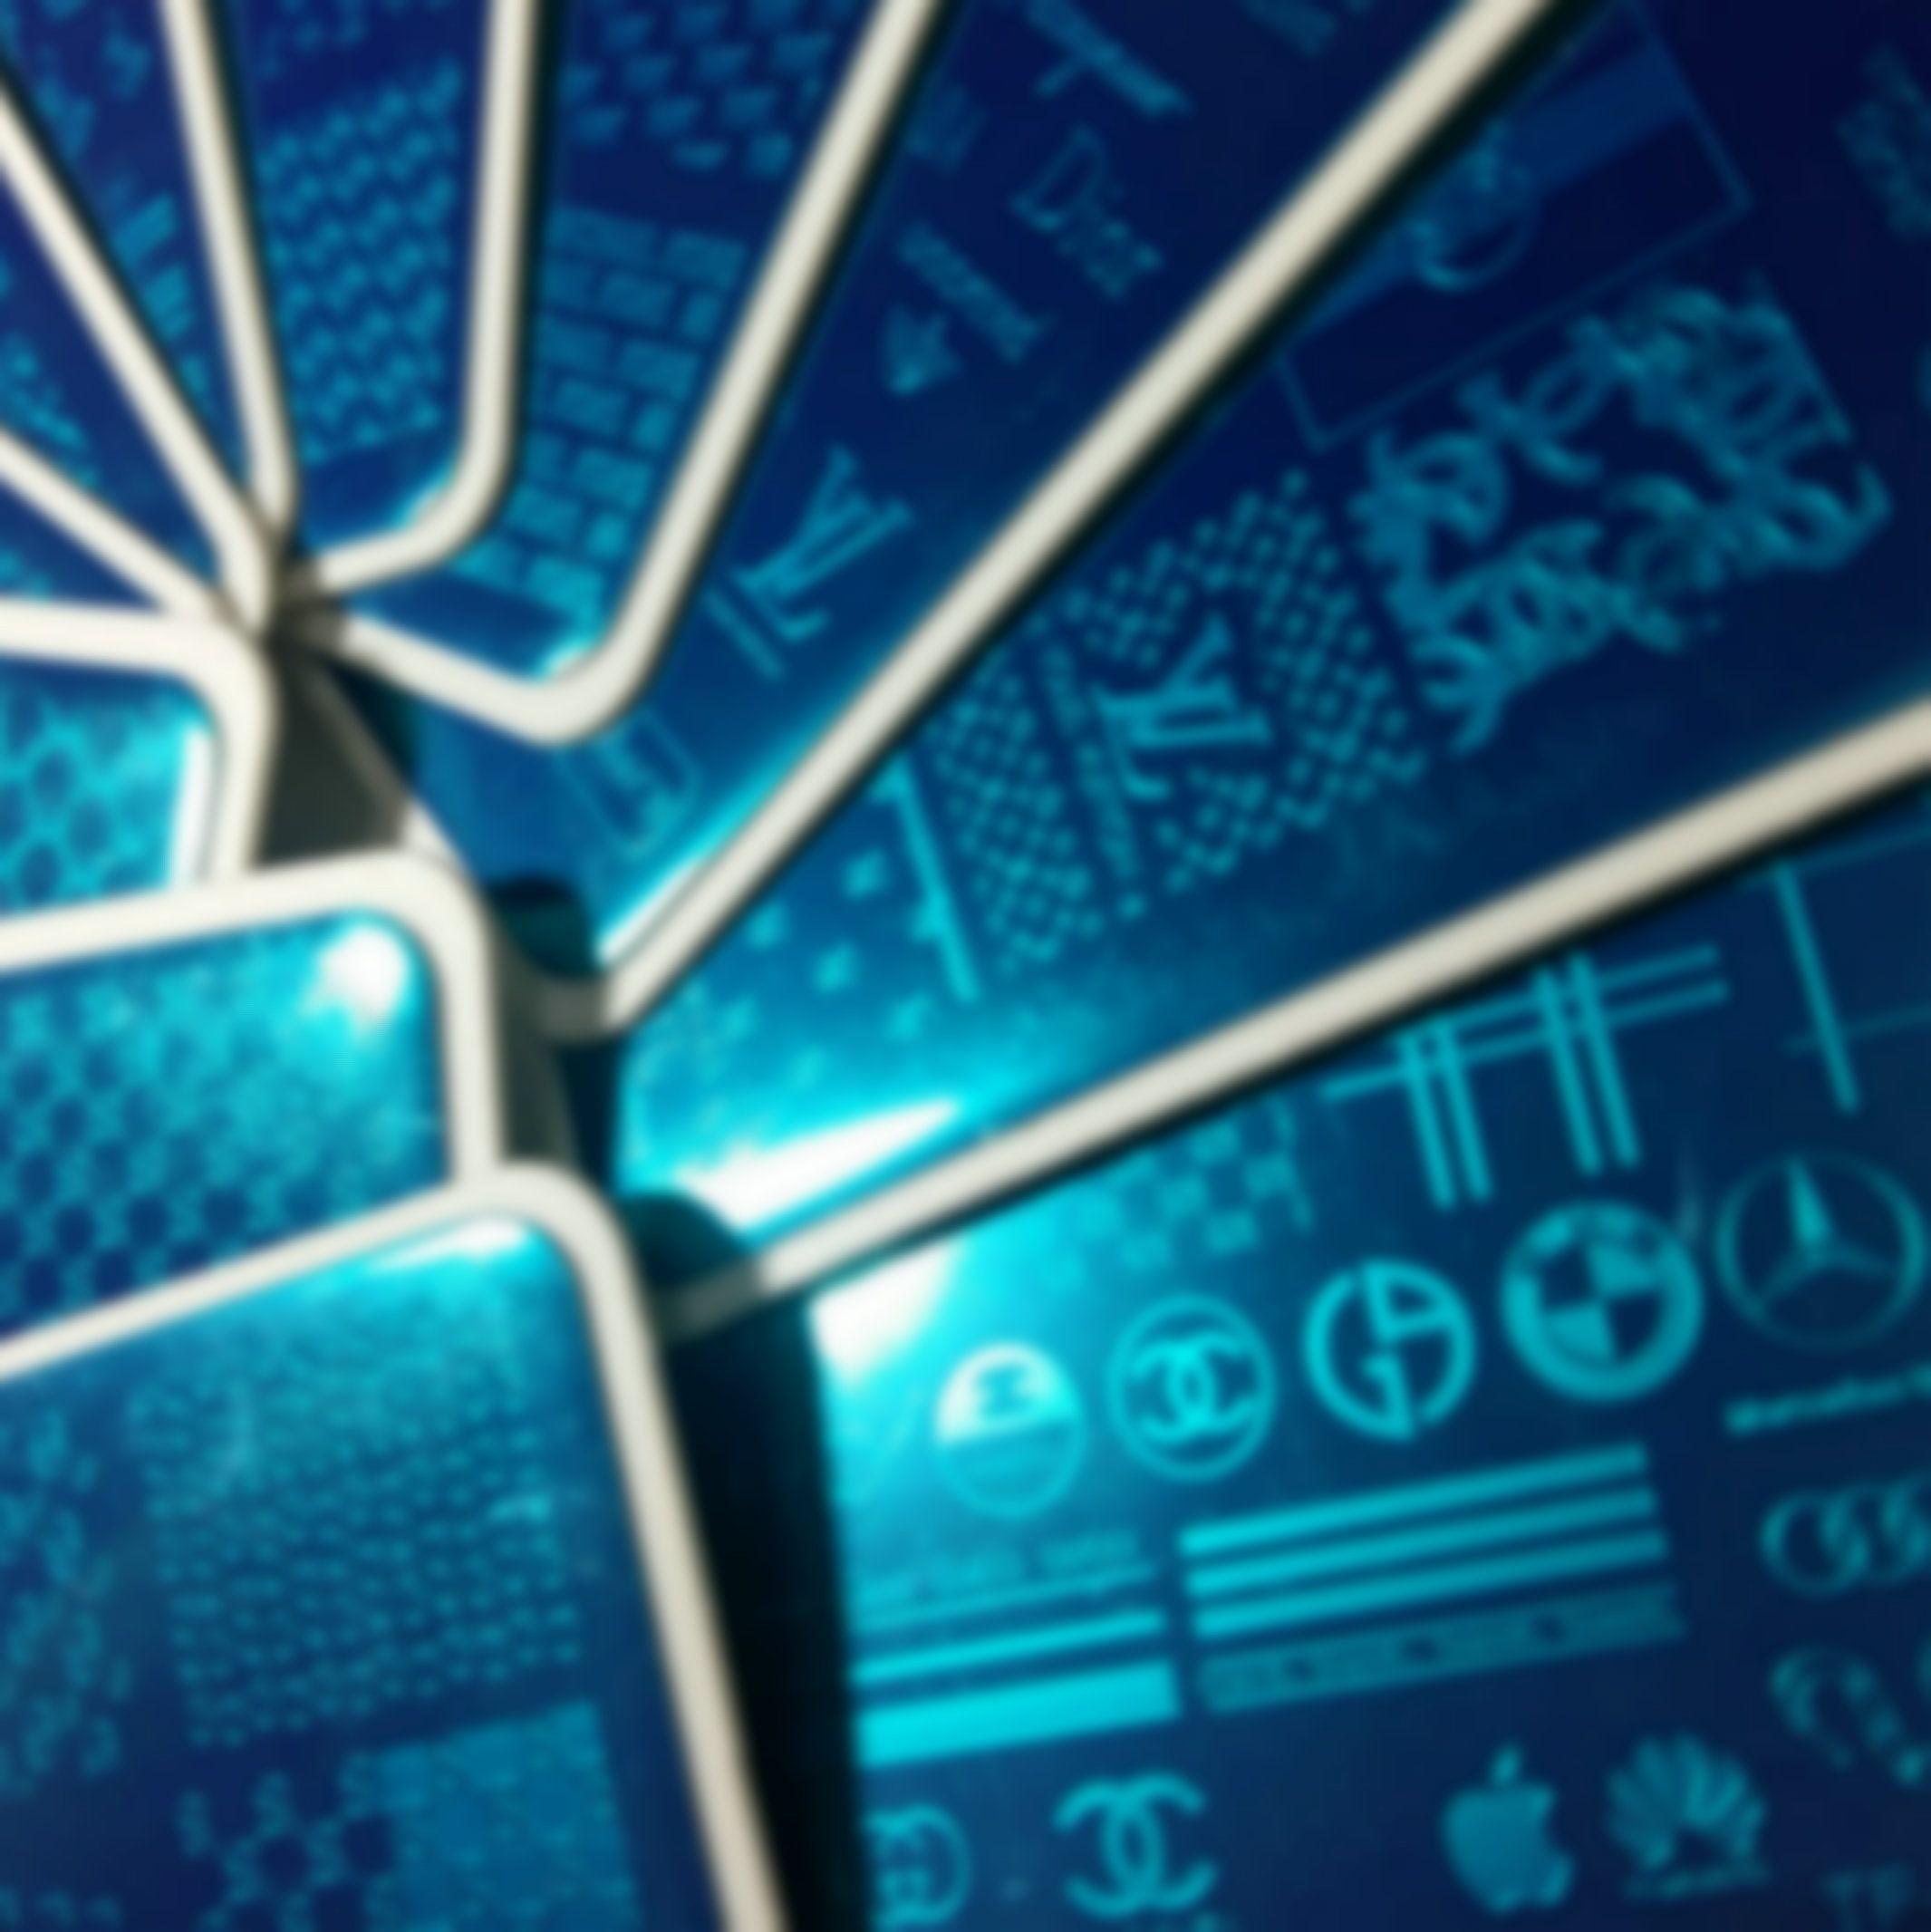 11pcs Big LO GO Brand Design Nail Art Stamping Plaque timbre français Image pleine métal Stencil transfert Modèle d'impression polonaise avec feuille de plastique